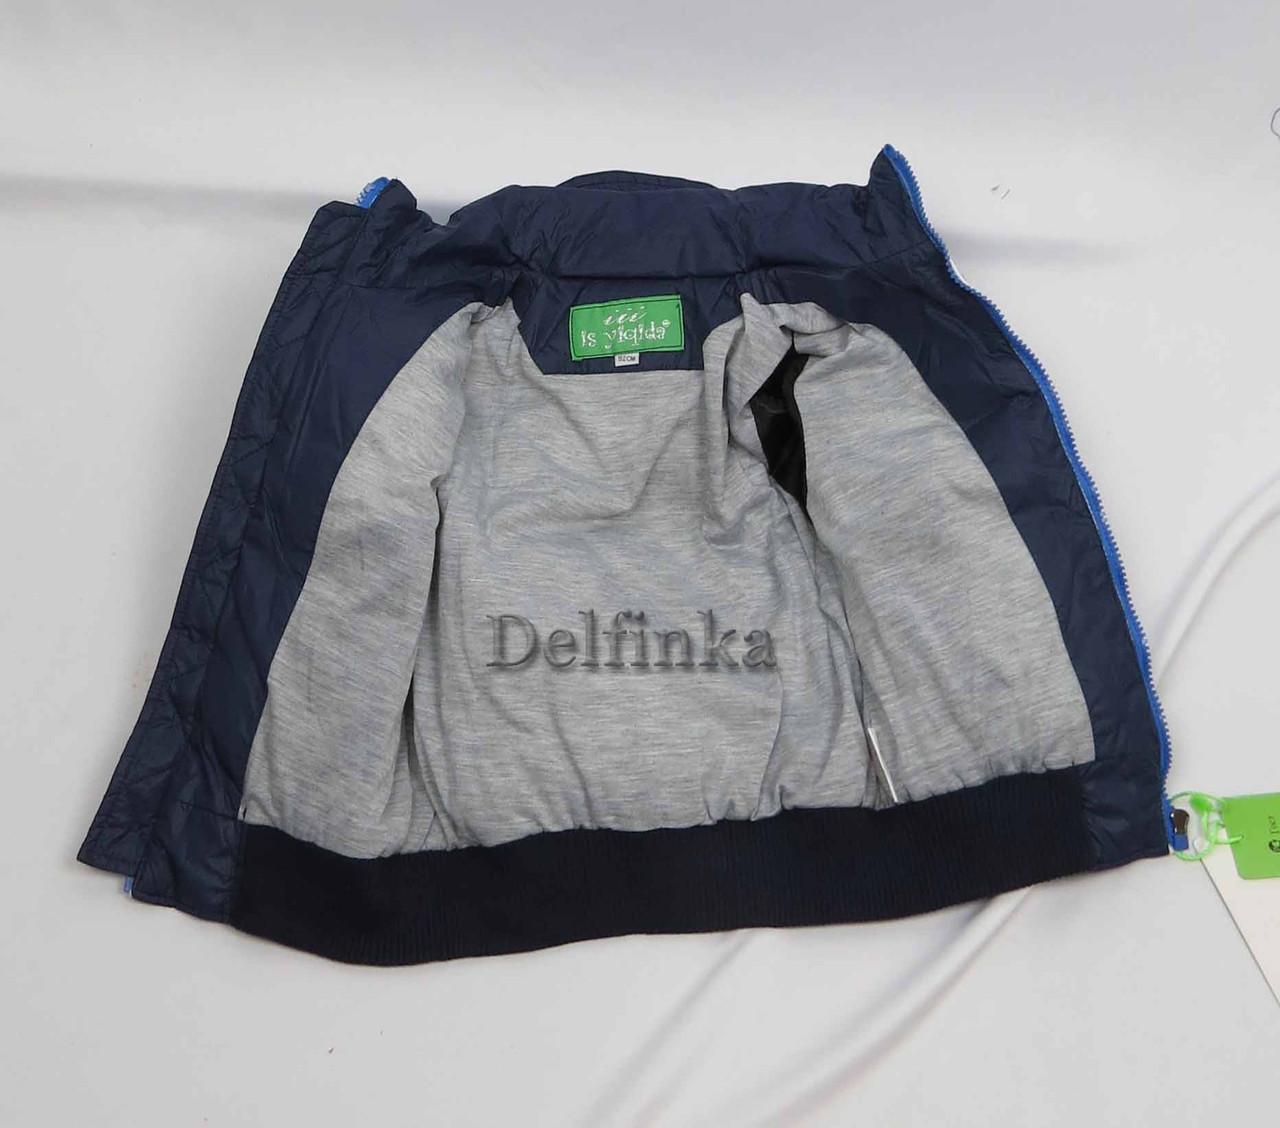 Куртка демисизонная теплая,код 7-38, размеры рост 92 см - 116 см, размеры 2 лет - 5 лет, фото 3